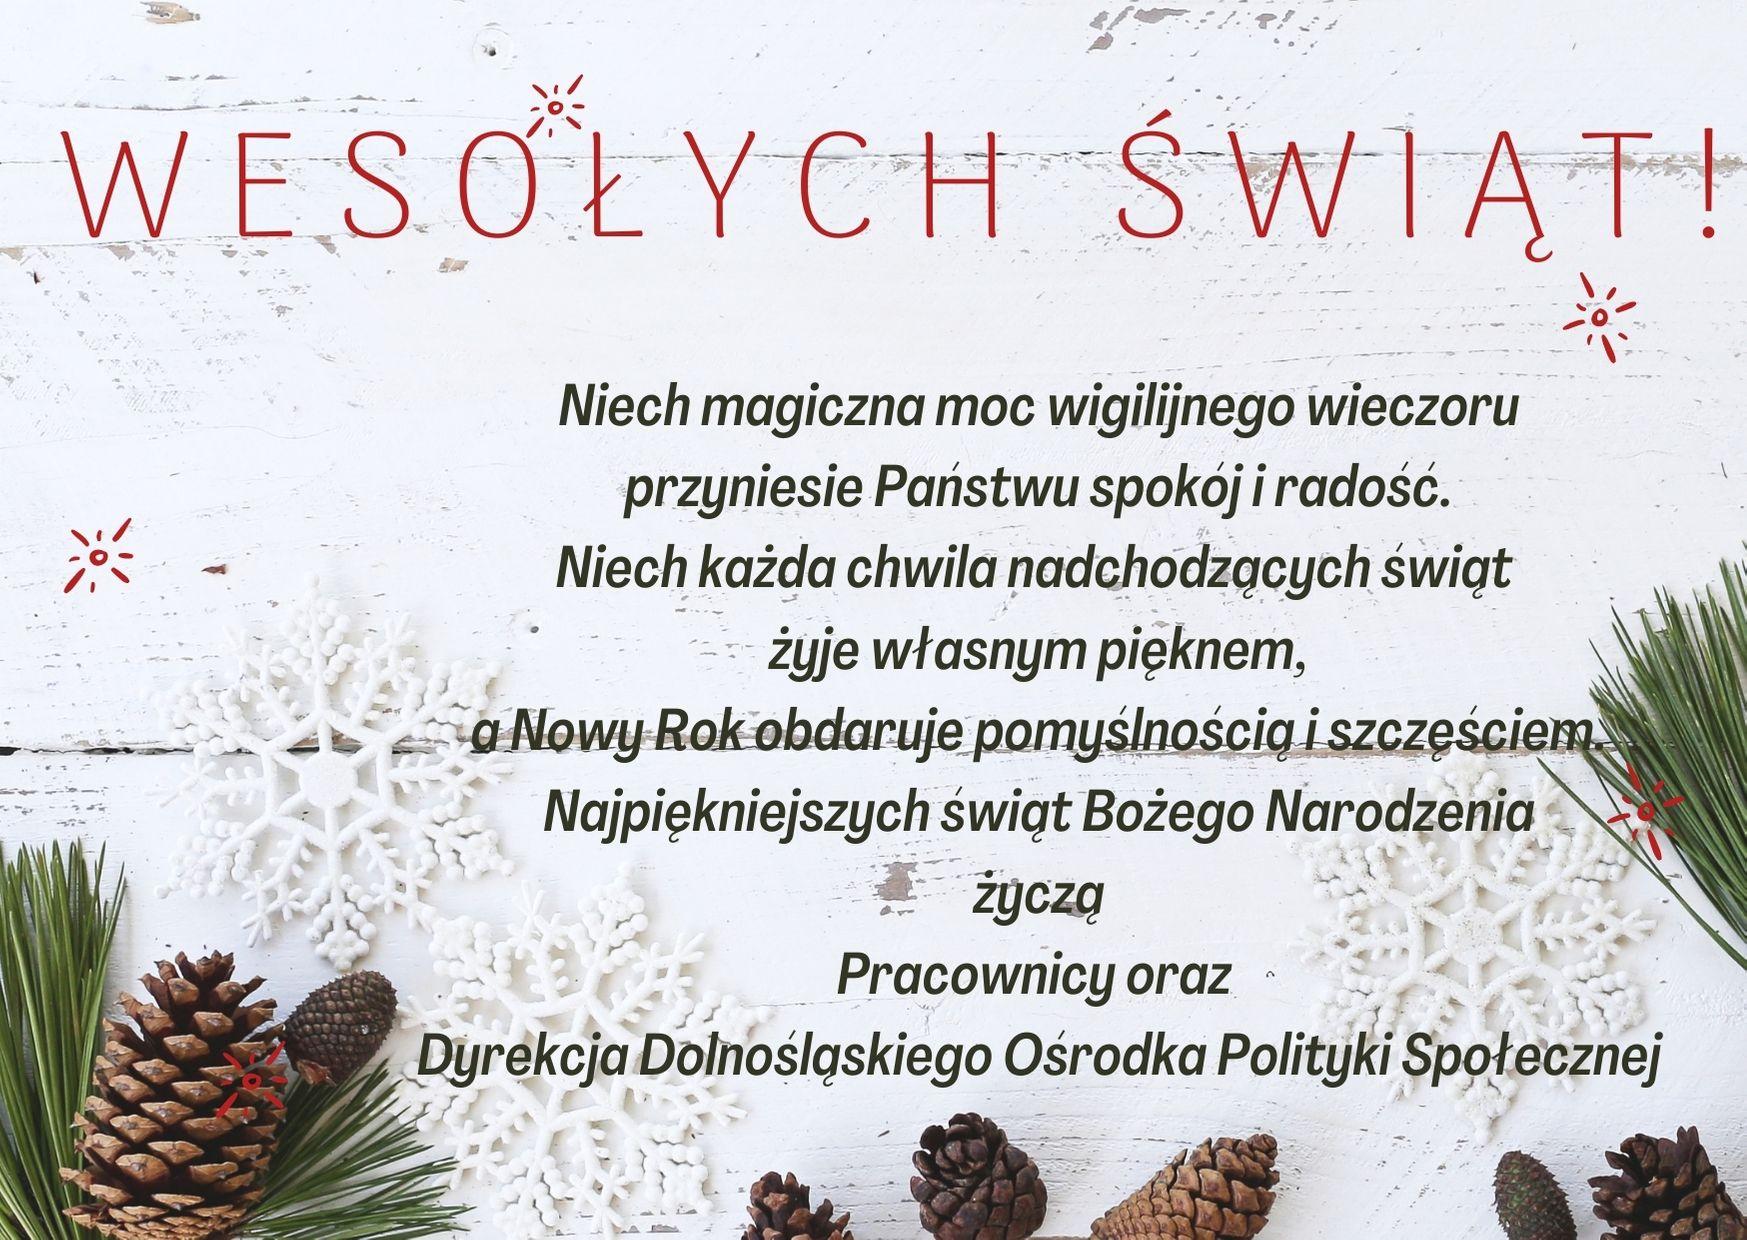 Kartka pocztowa: na białym tle znajdują się śnieżynki, a w dolnej części igliwie sosny zebrane w pęczki oraz szyszki. U góry kartki czerwony napis: Wesołych Świąt!, a pod spodem życzenia: Niech magiczna moc wigilijnego wieczoru przyniesie Państwu spokój i radość. Niech każda chwila świąt Bożego Narodzenia żyje własnym pięknem, a Nowy Rok obdaruje pomyślnością i szczęściem. Najpiękniejszych świąt Bożego Narodzenia Życzą Pracownicy oraz Dyrekcja Dolnośląskiego Ośrodka Polityki Społecznej